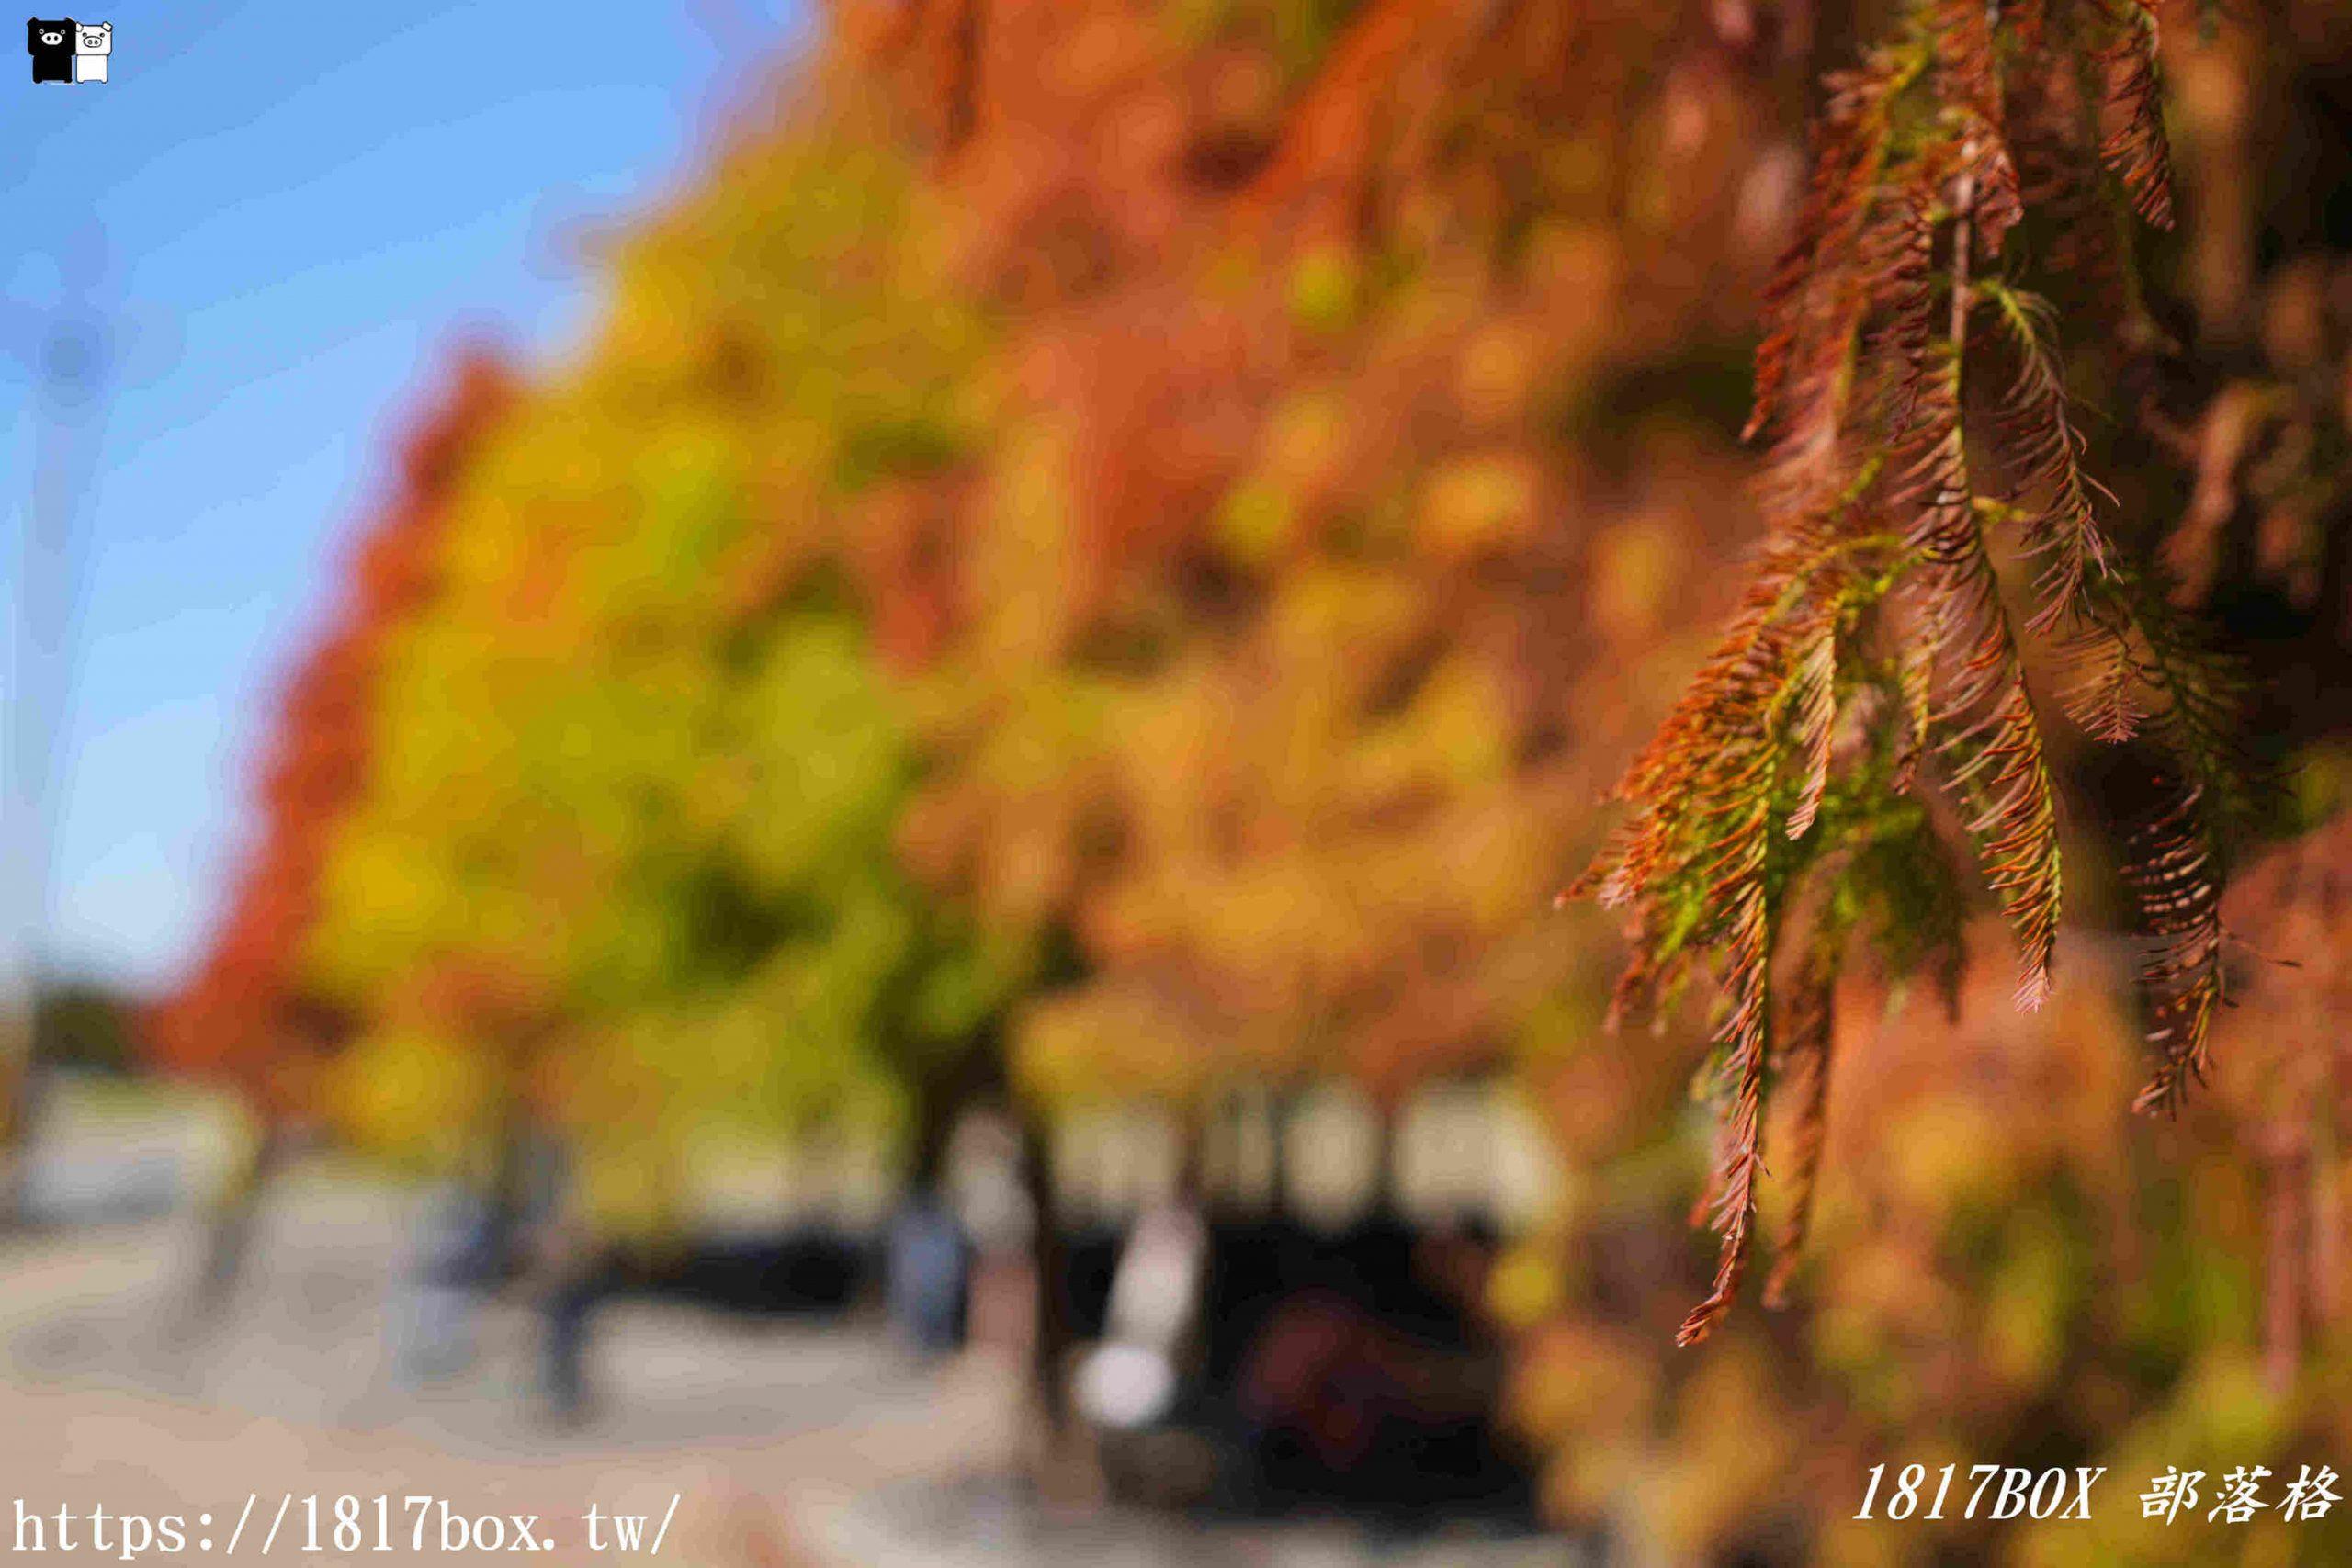 【台南。六甲】落羽松森林。漸層繽紛。彷彿走進明信片風景裡 @1817BOX部落格